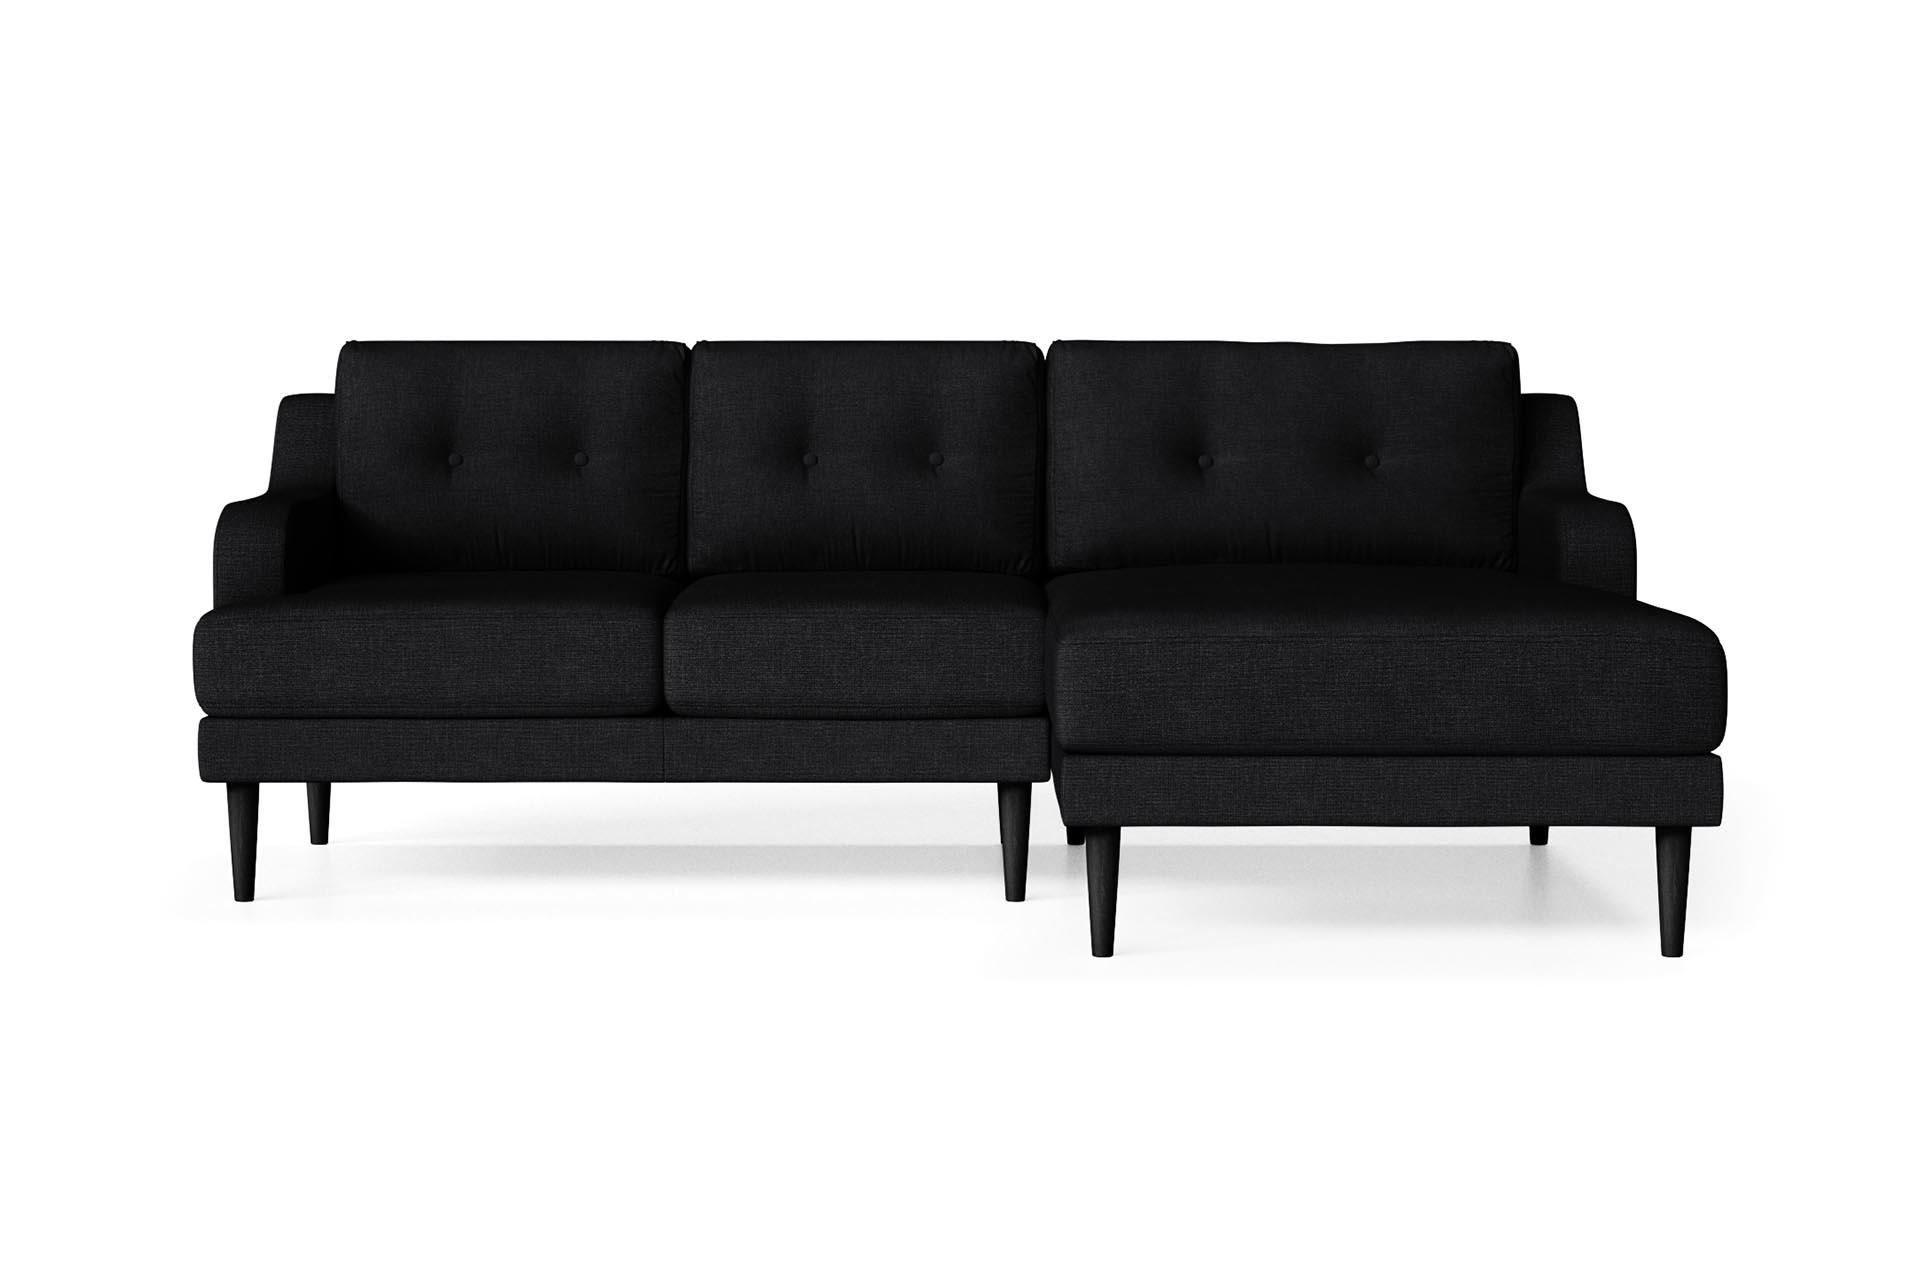 Canapé d'angle 4 places Noir Contemporain Confort